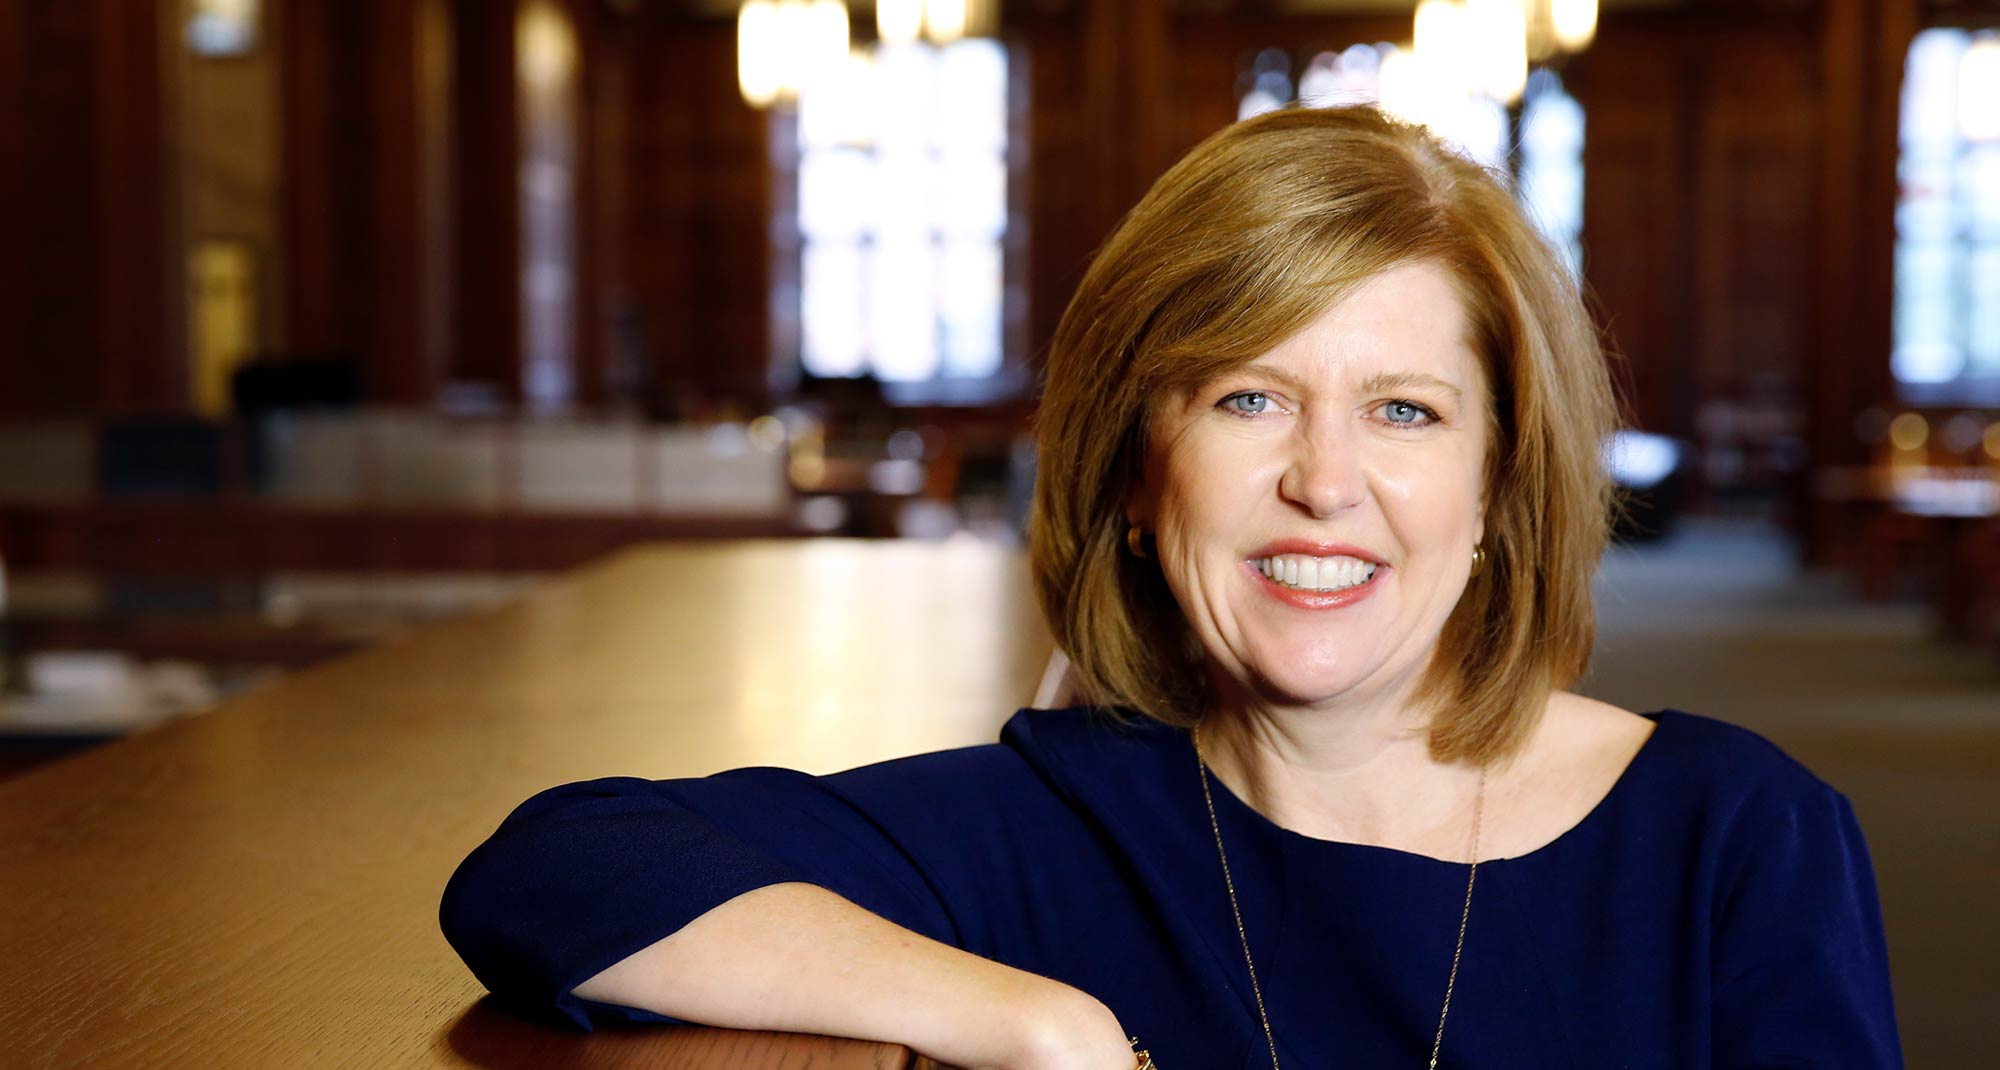 Cheryl Matherly